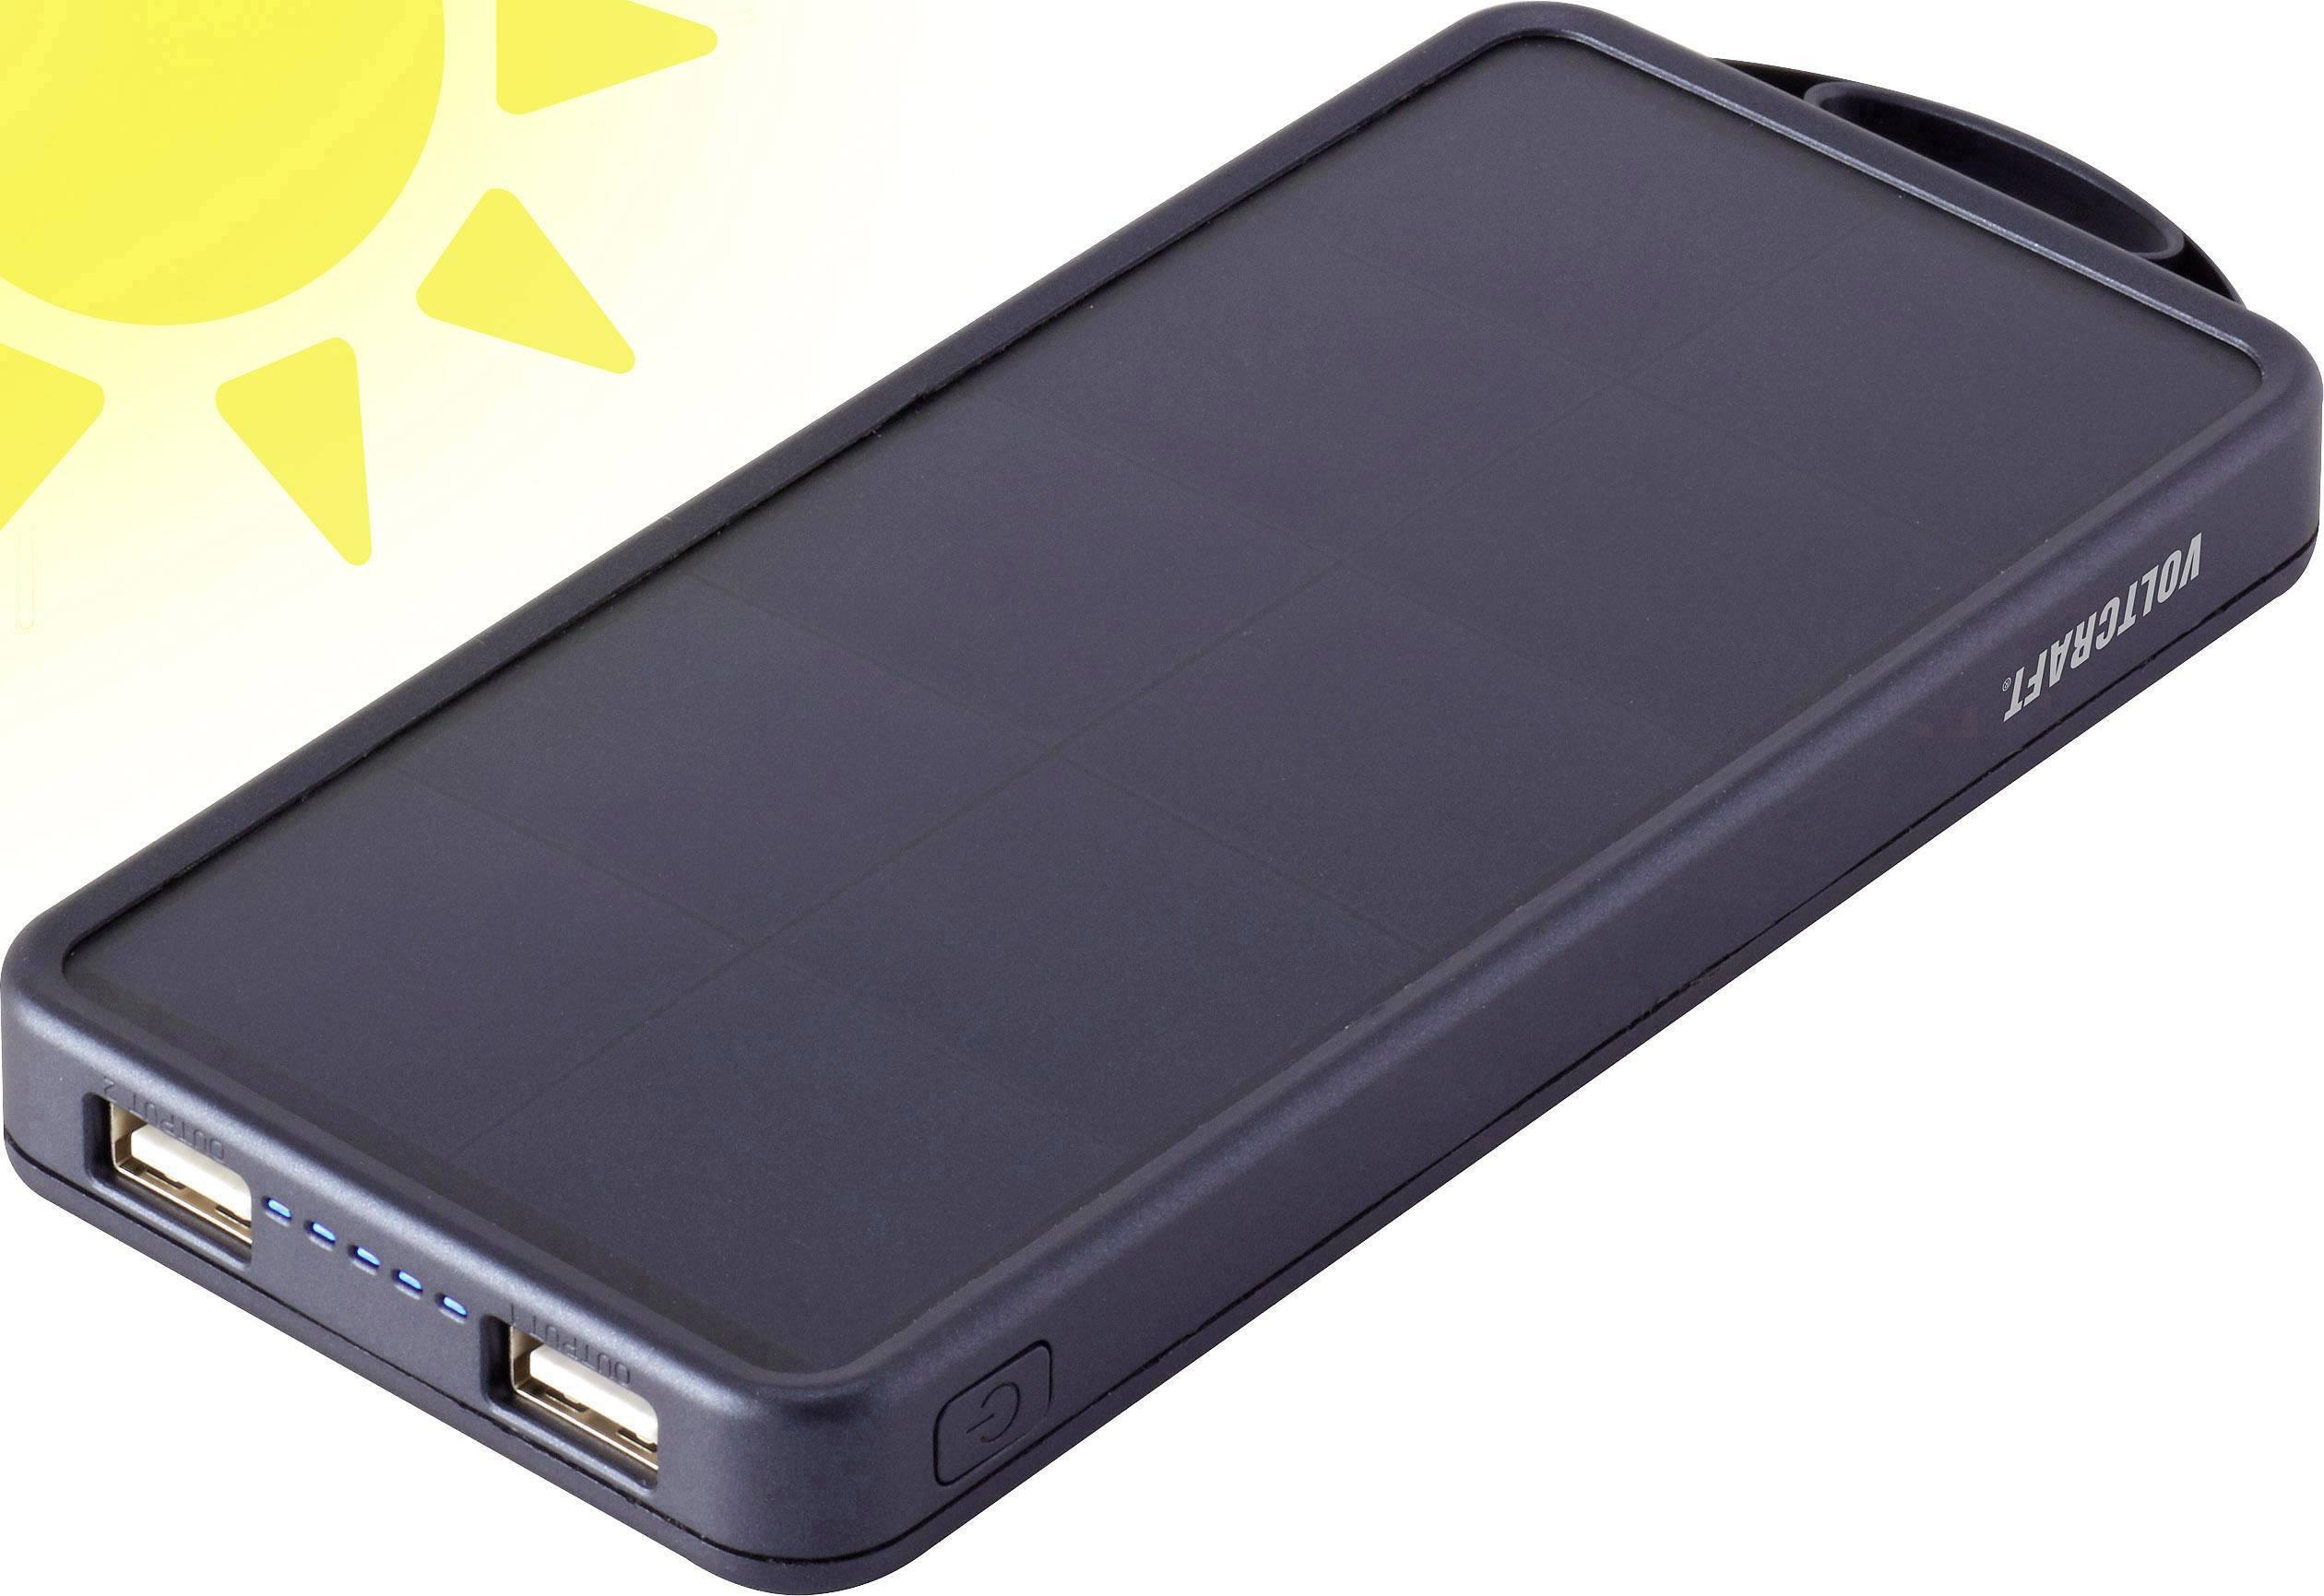 VOLTCRAFT SL 11 1460533 Solcelle oplader Kapacitet (mAh, Ah) 8000 mAh